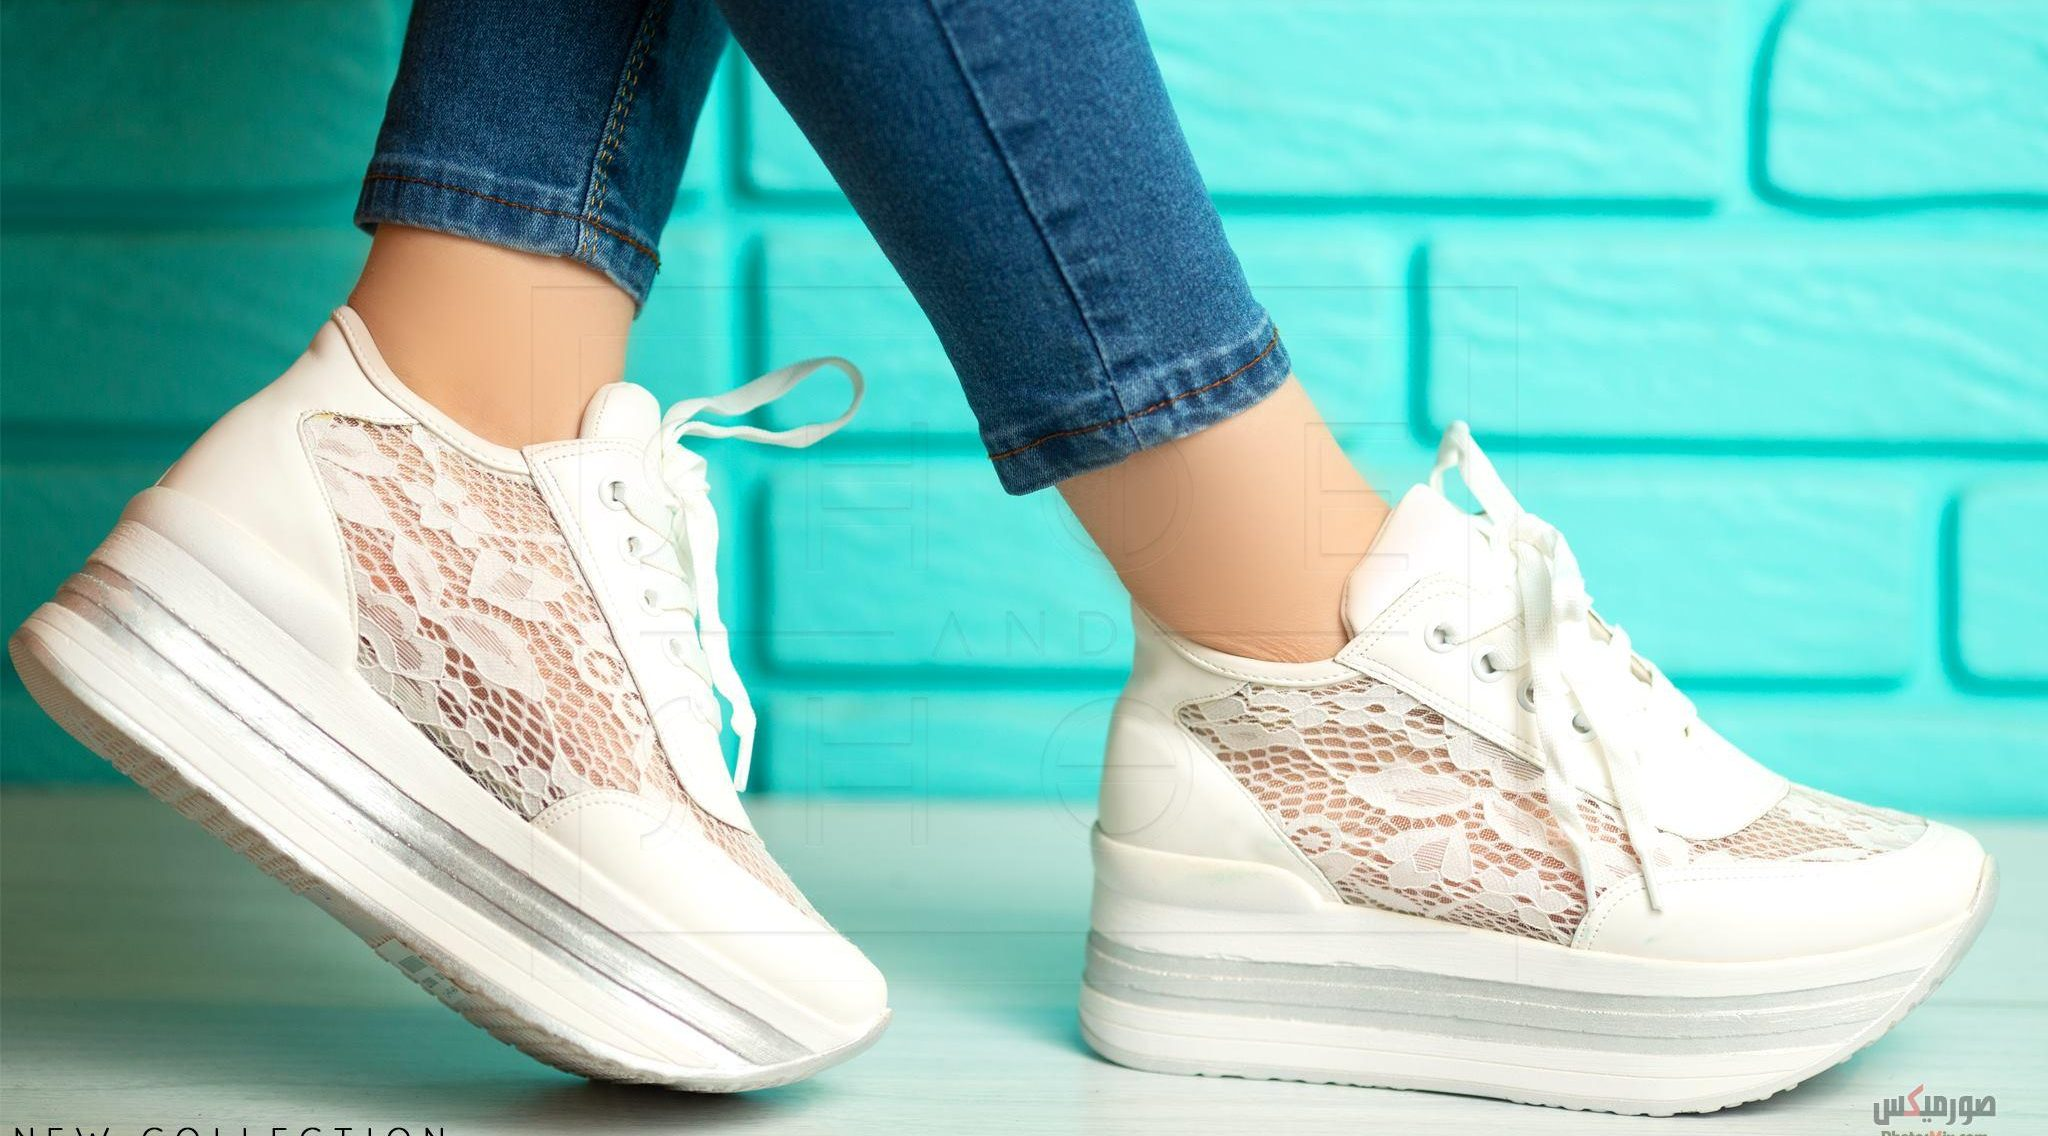 حريمي 116 e1556142656870 - صور أحذية حريمي صيف 2019, صور أحذية بنات جديدة, صور أحذية حريمي فلات